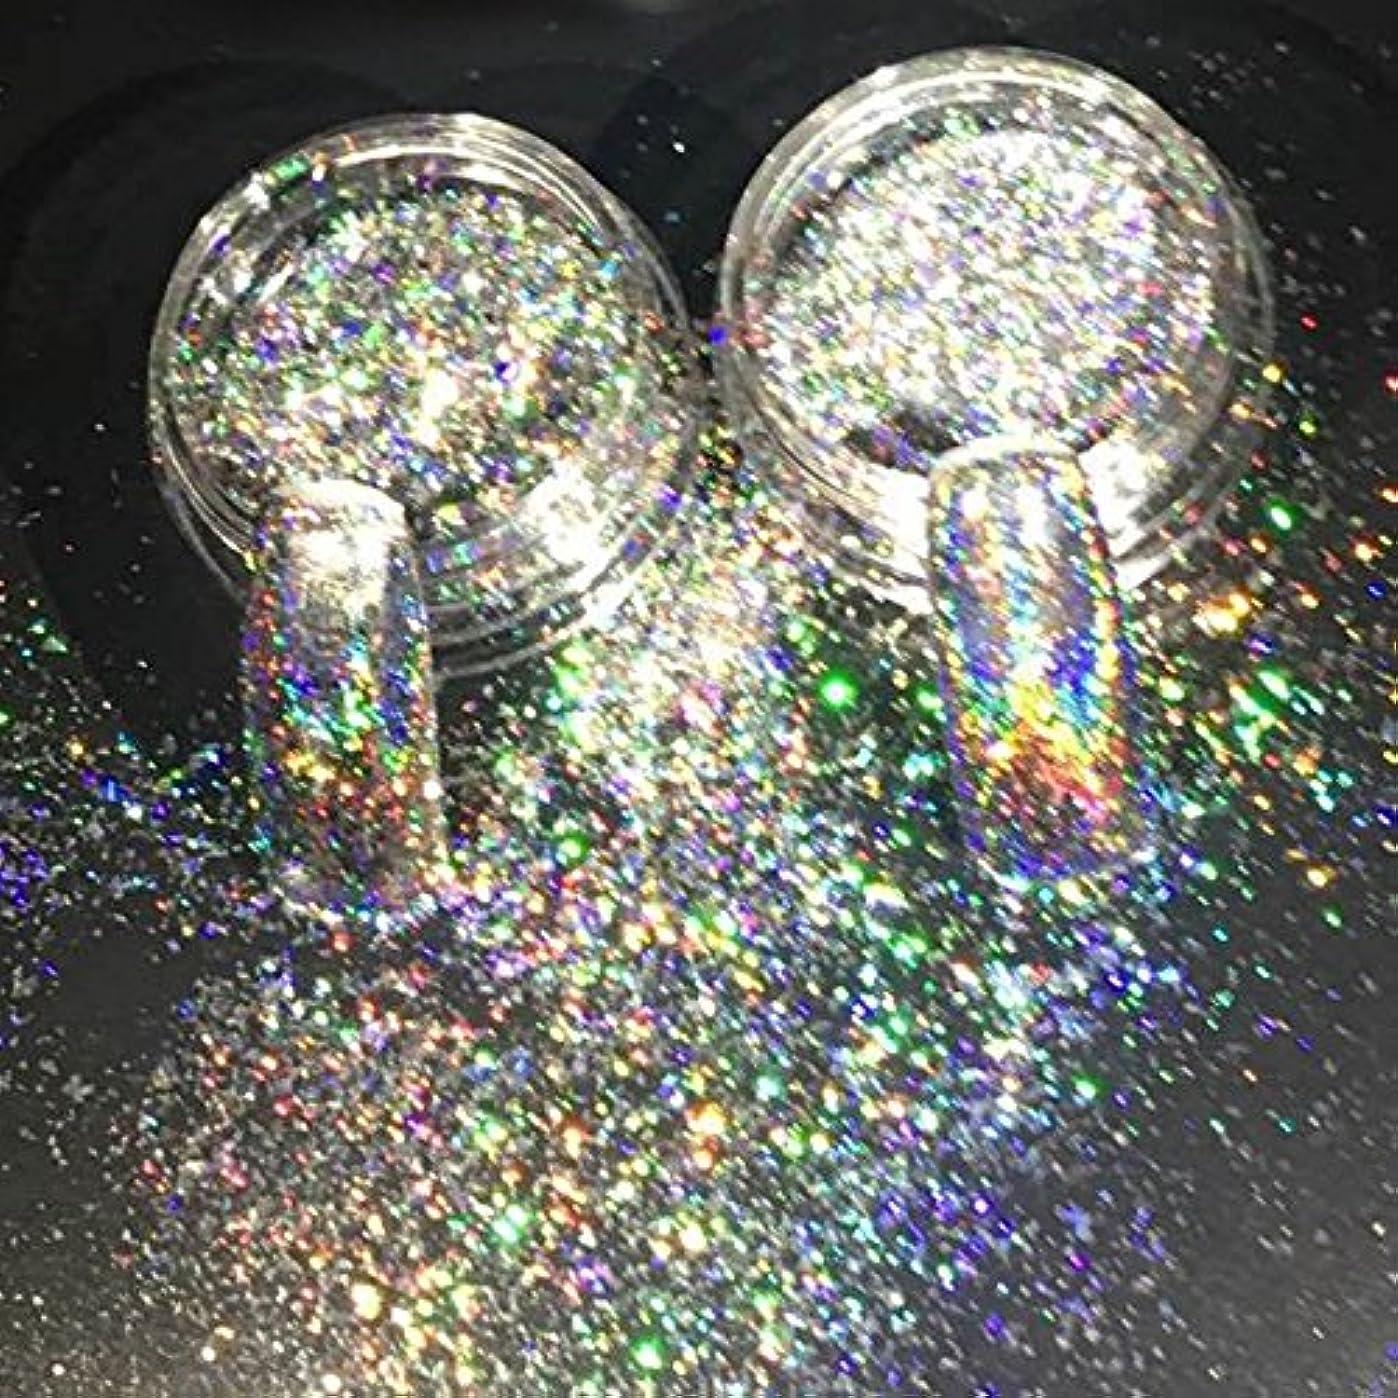 水差し侵略料理New Nail Glitters Galaxy Holo Flakes 0.2g/box Laser Bling Rainbow Flecks Chrome Magic Effect Irregular Nail Art...